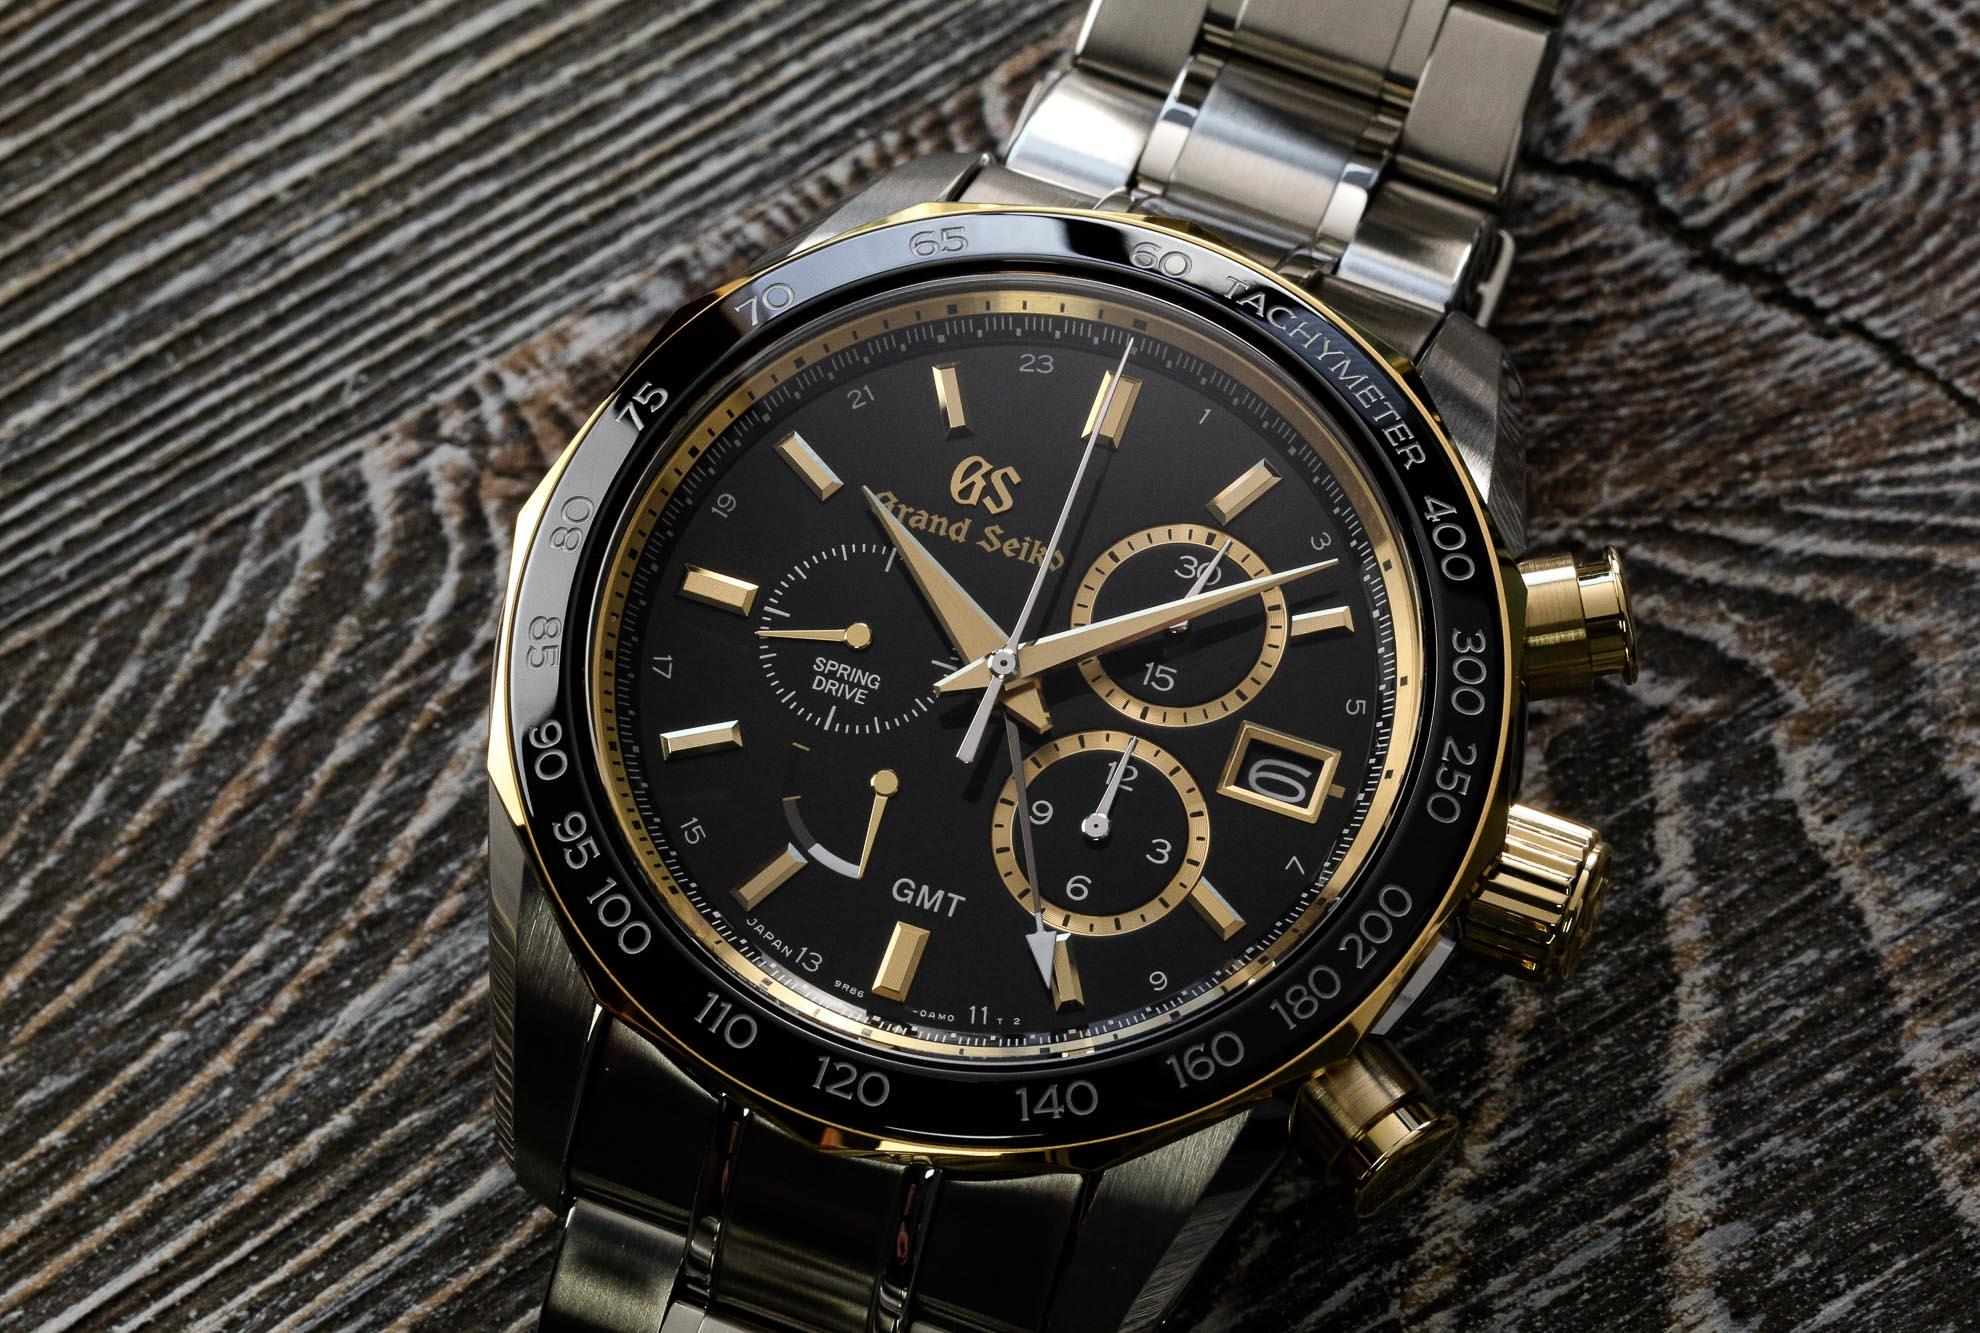 Grand Seiko SBGC240 steel and gold chronograph